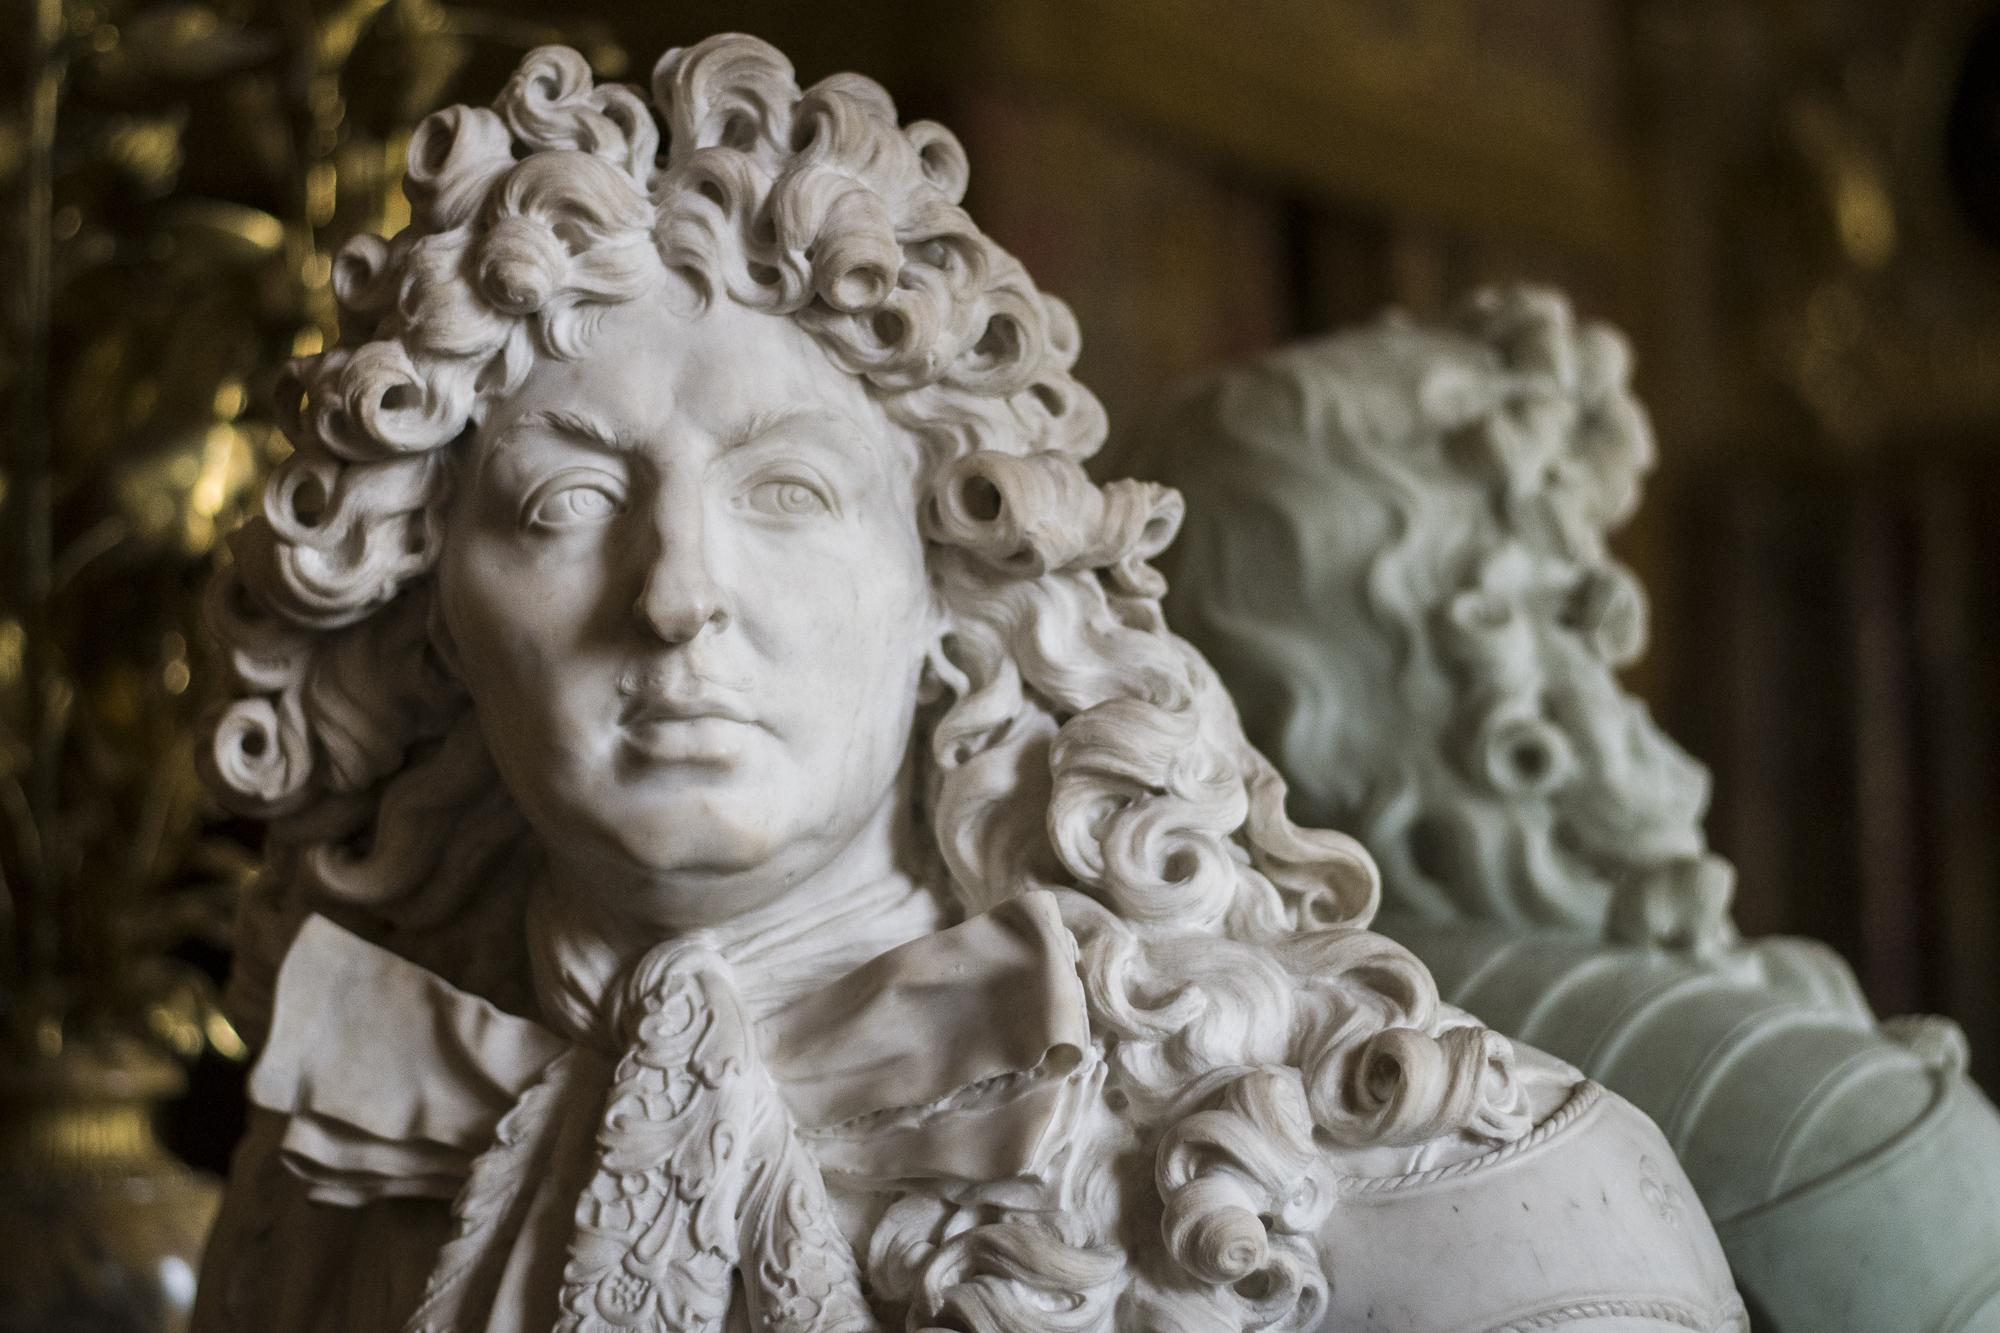 Marble bust of Louis XIV  PHOTOGRAPHY: ALEXANDER J.E. BRADLEY • NIKON D500 • AF-S Nikkor 50mm f/1.8G • Ƒ/1.8 • 1/1000• ISO 1600